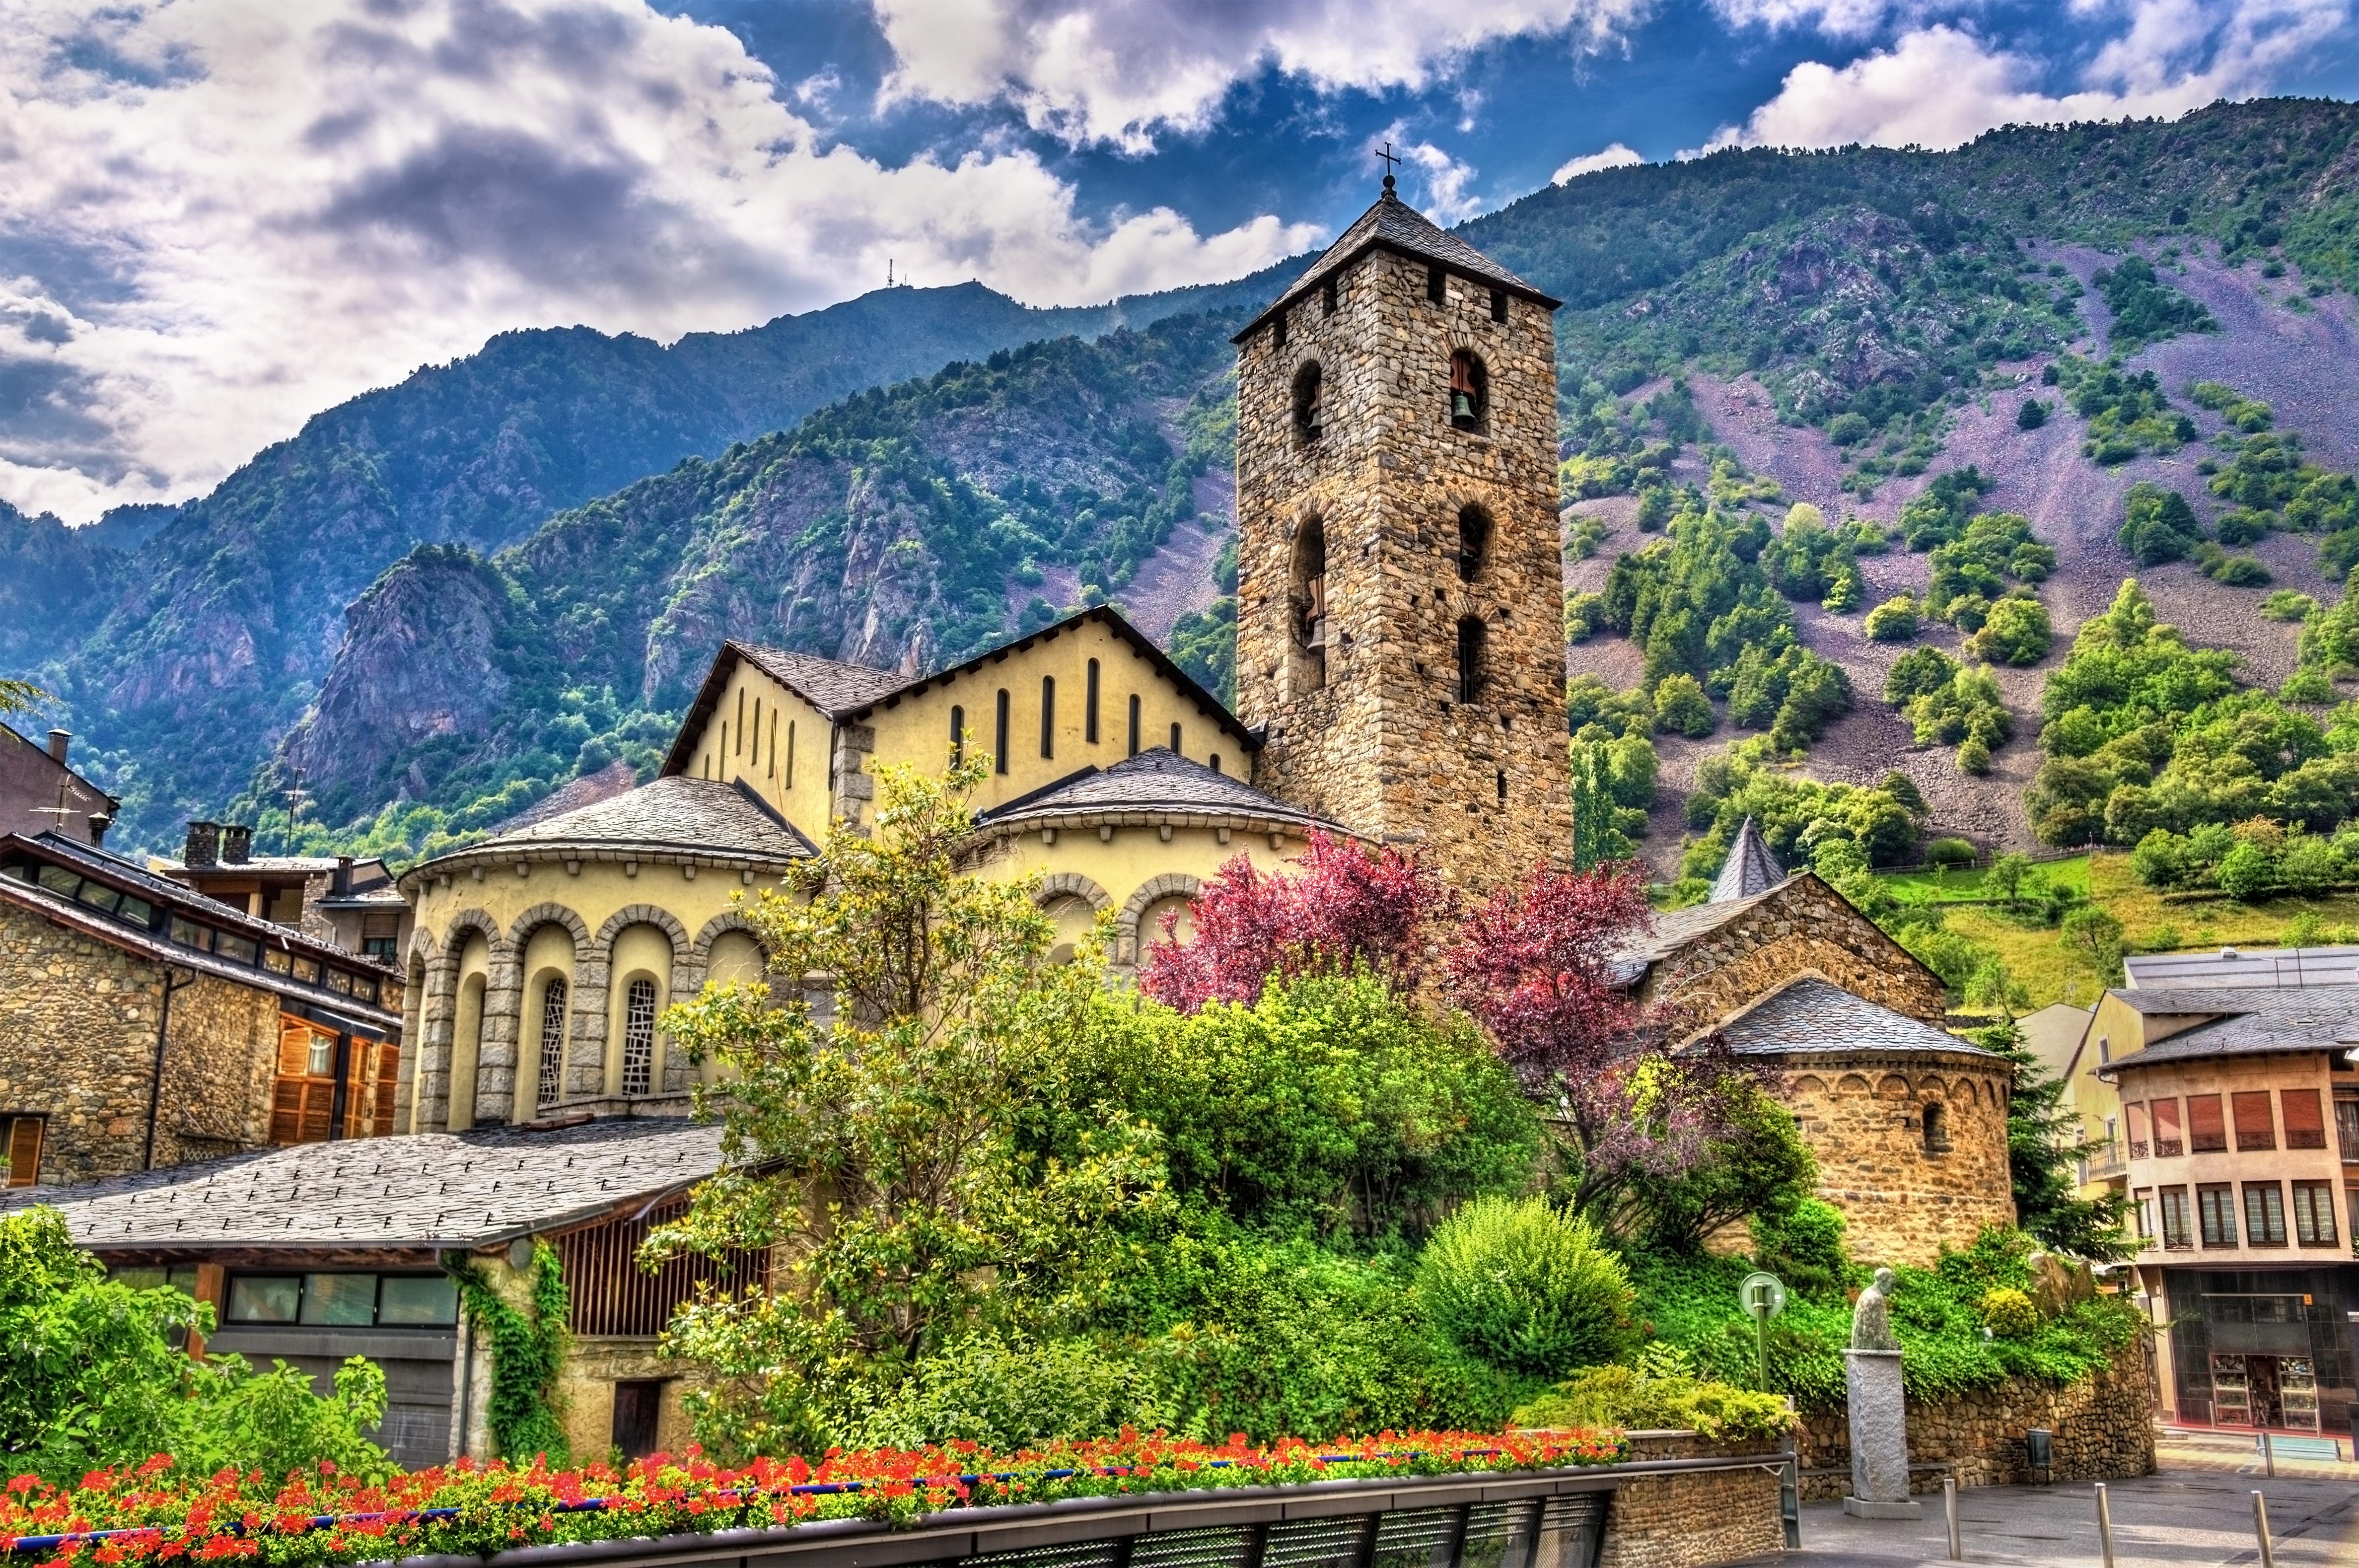 Церковь Сан-Эстеве в Андорре, ВНЖ которой могут получить иностранцы